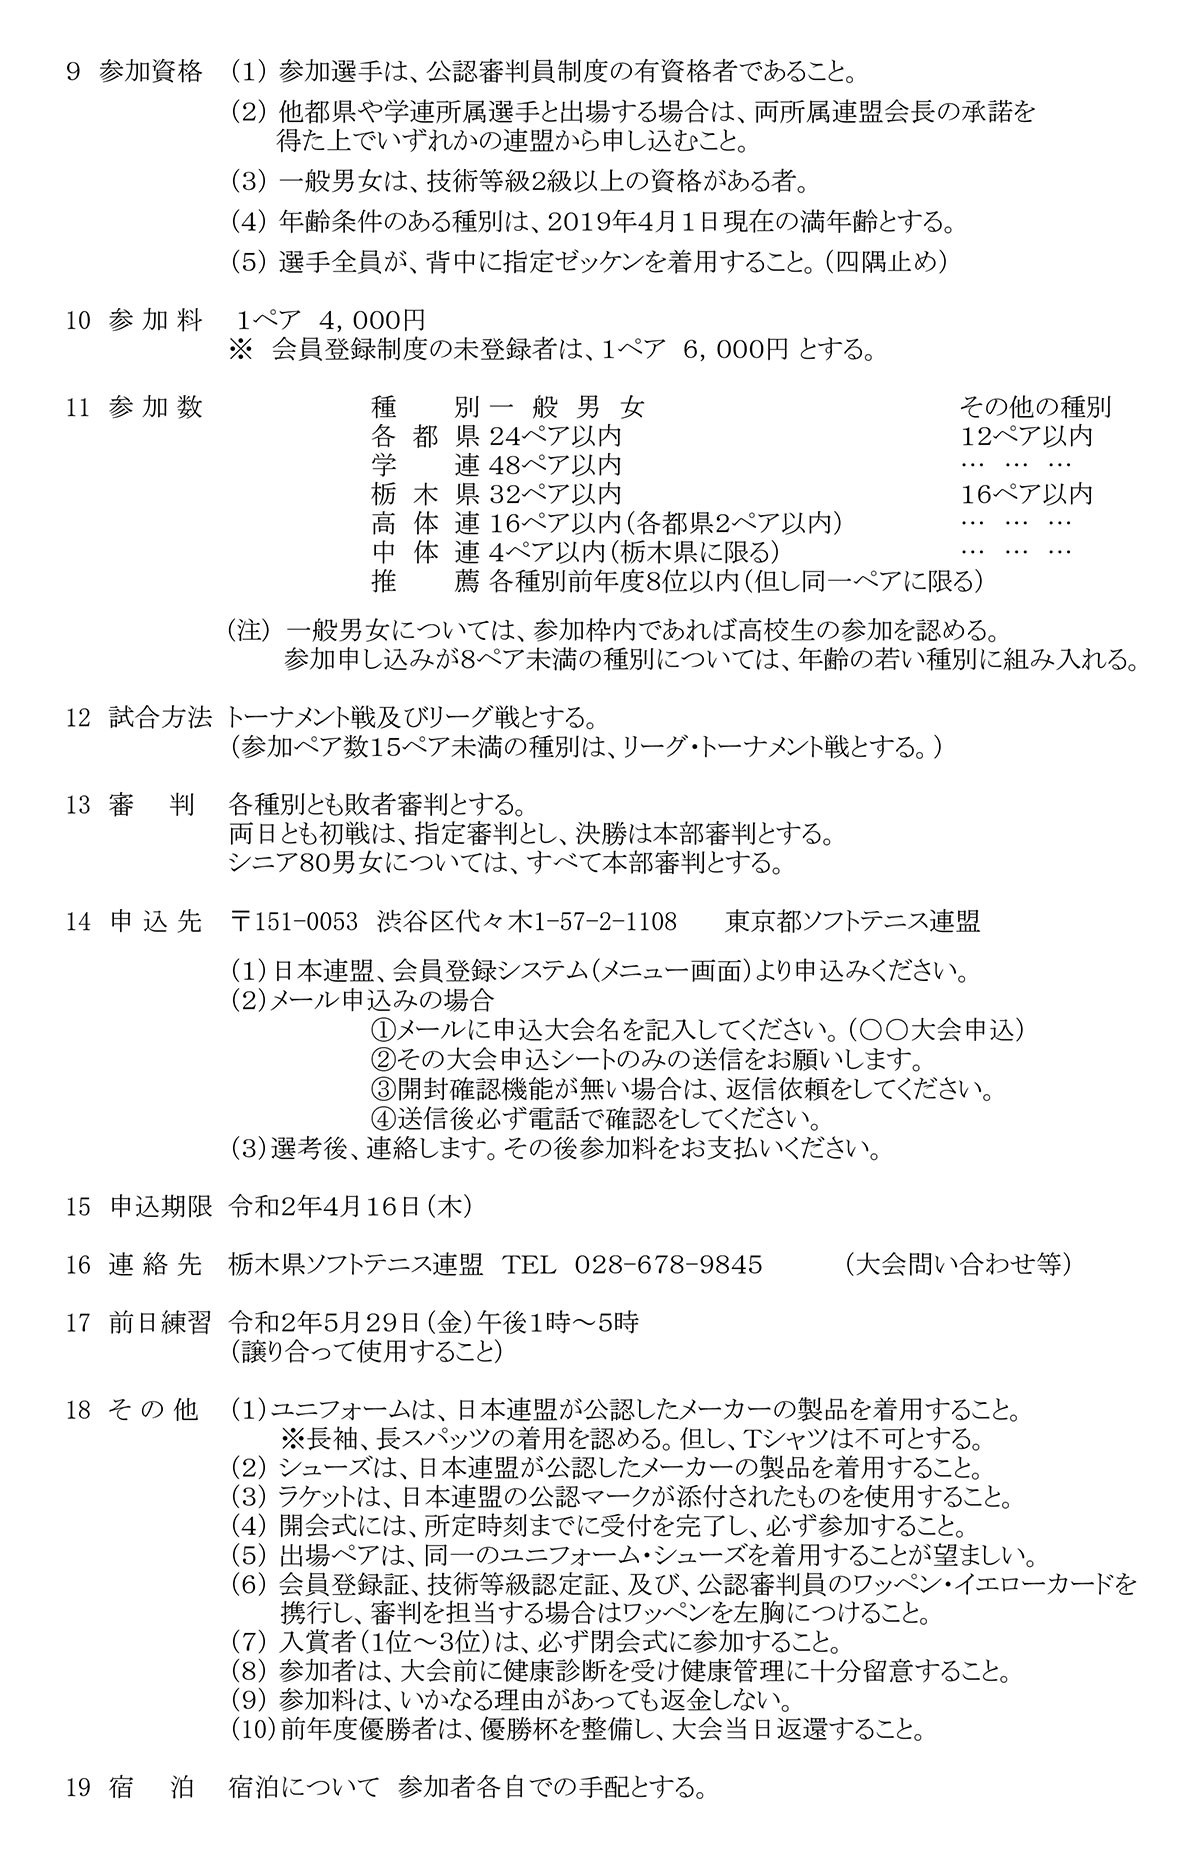 令和2年度 関東選手権大会要項